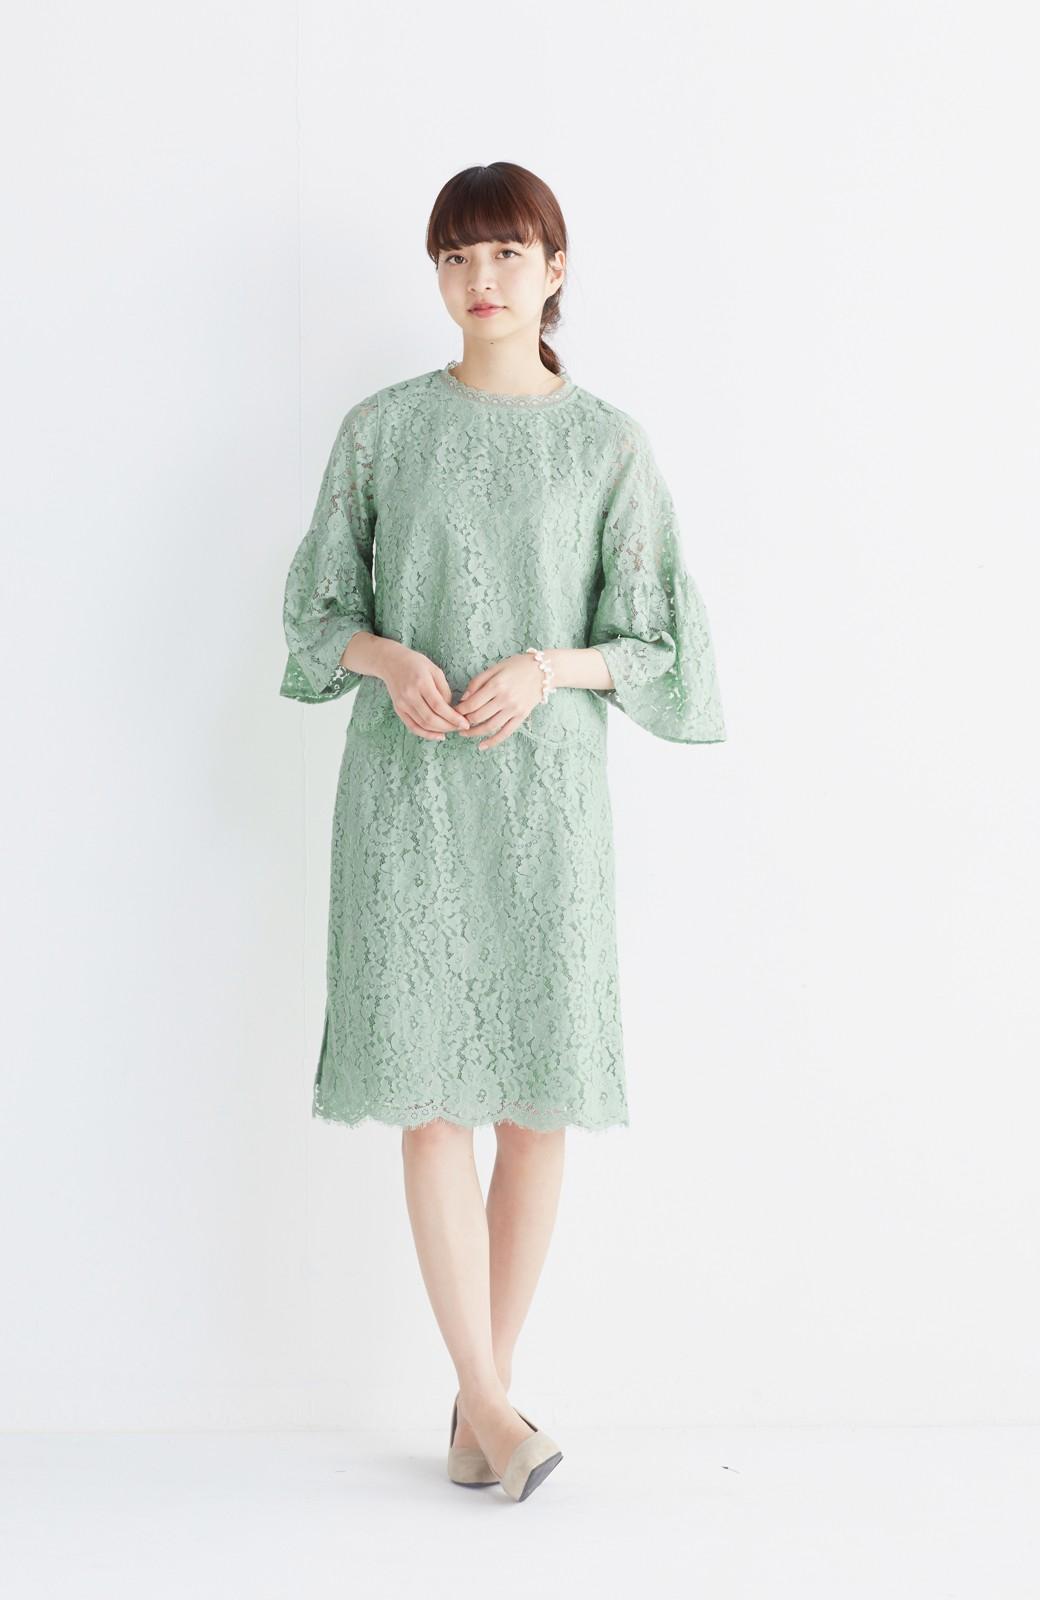 エムトロワ パッと着て華やぐ フレアースリーブのレースブラウス <グリーン>の商品写真4